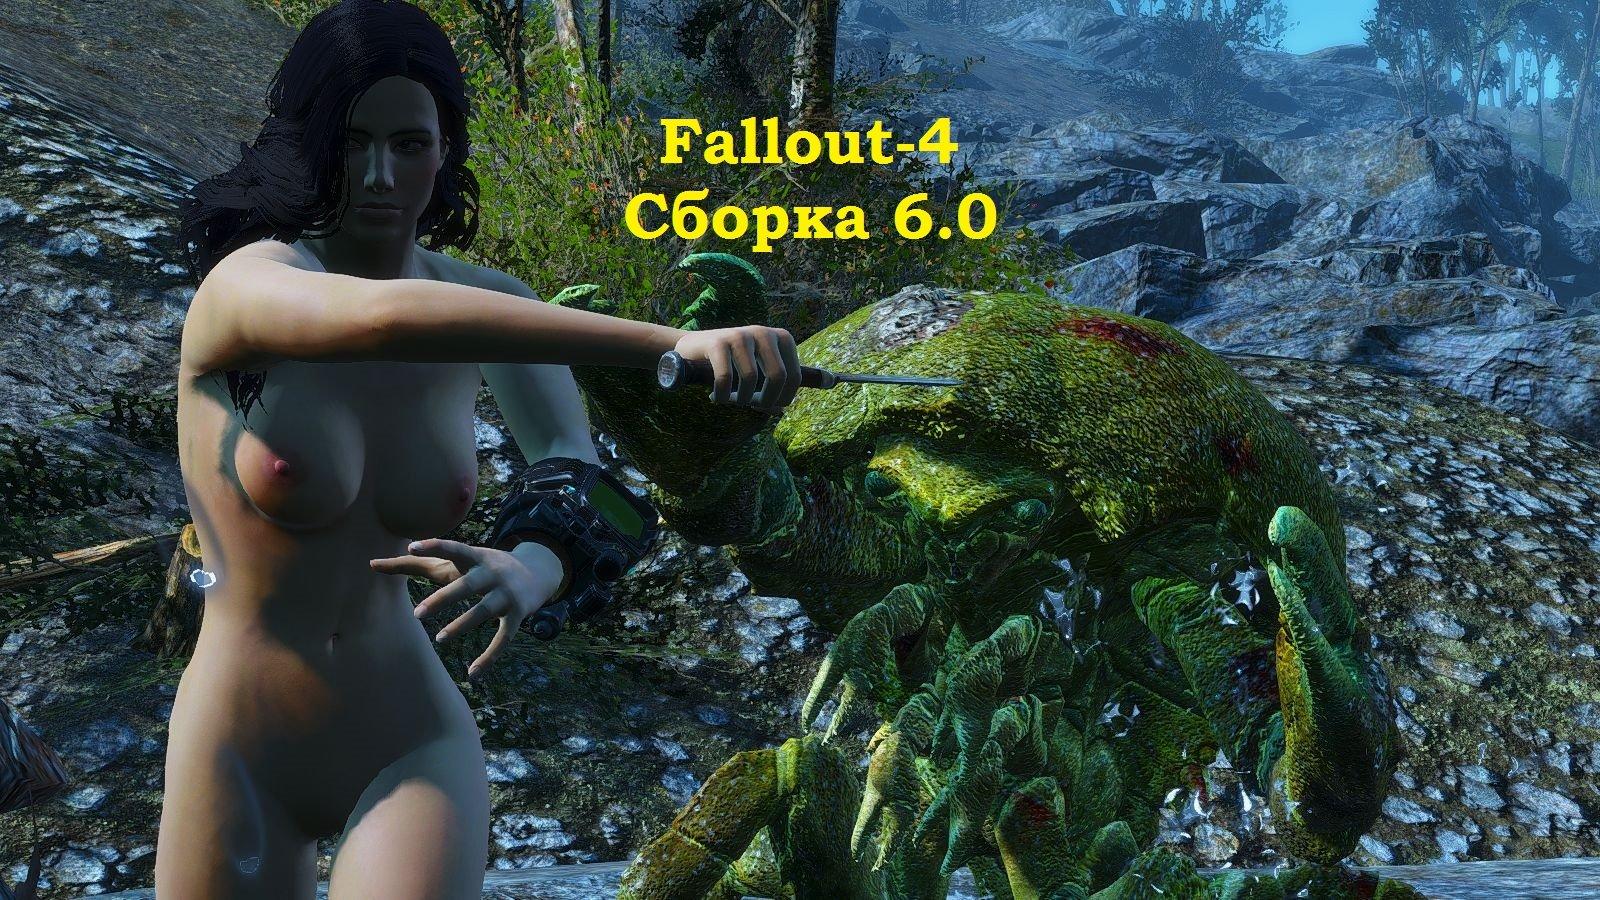 Обложка (1) Fallout-4 (сборка 6.0)